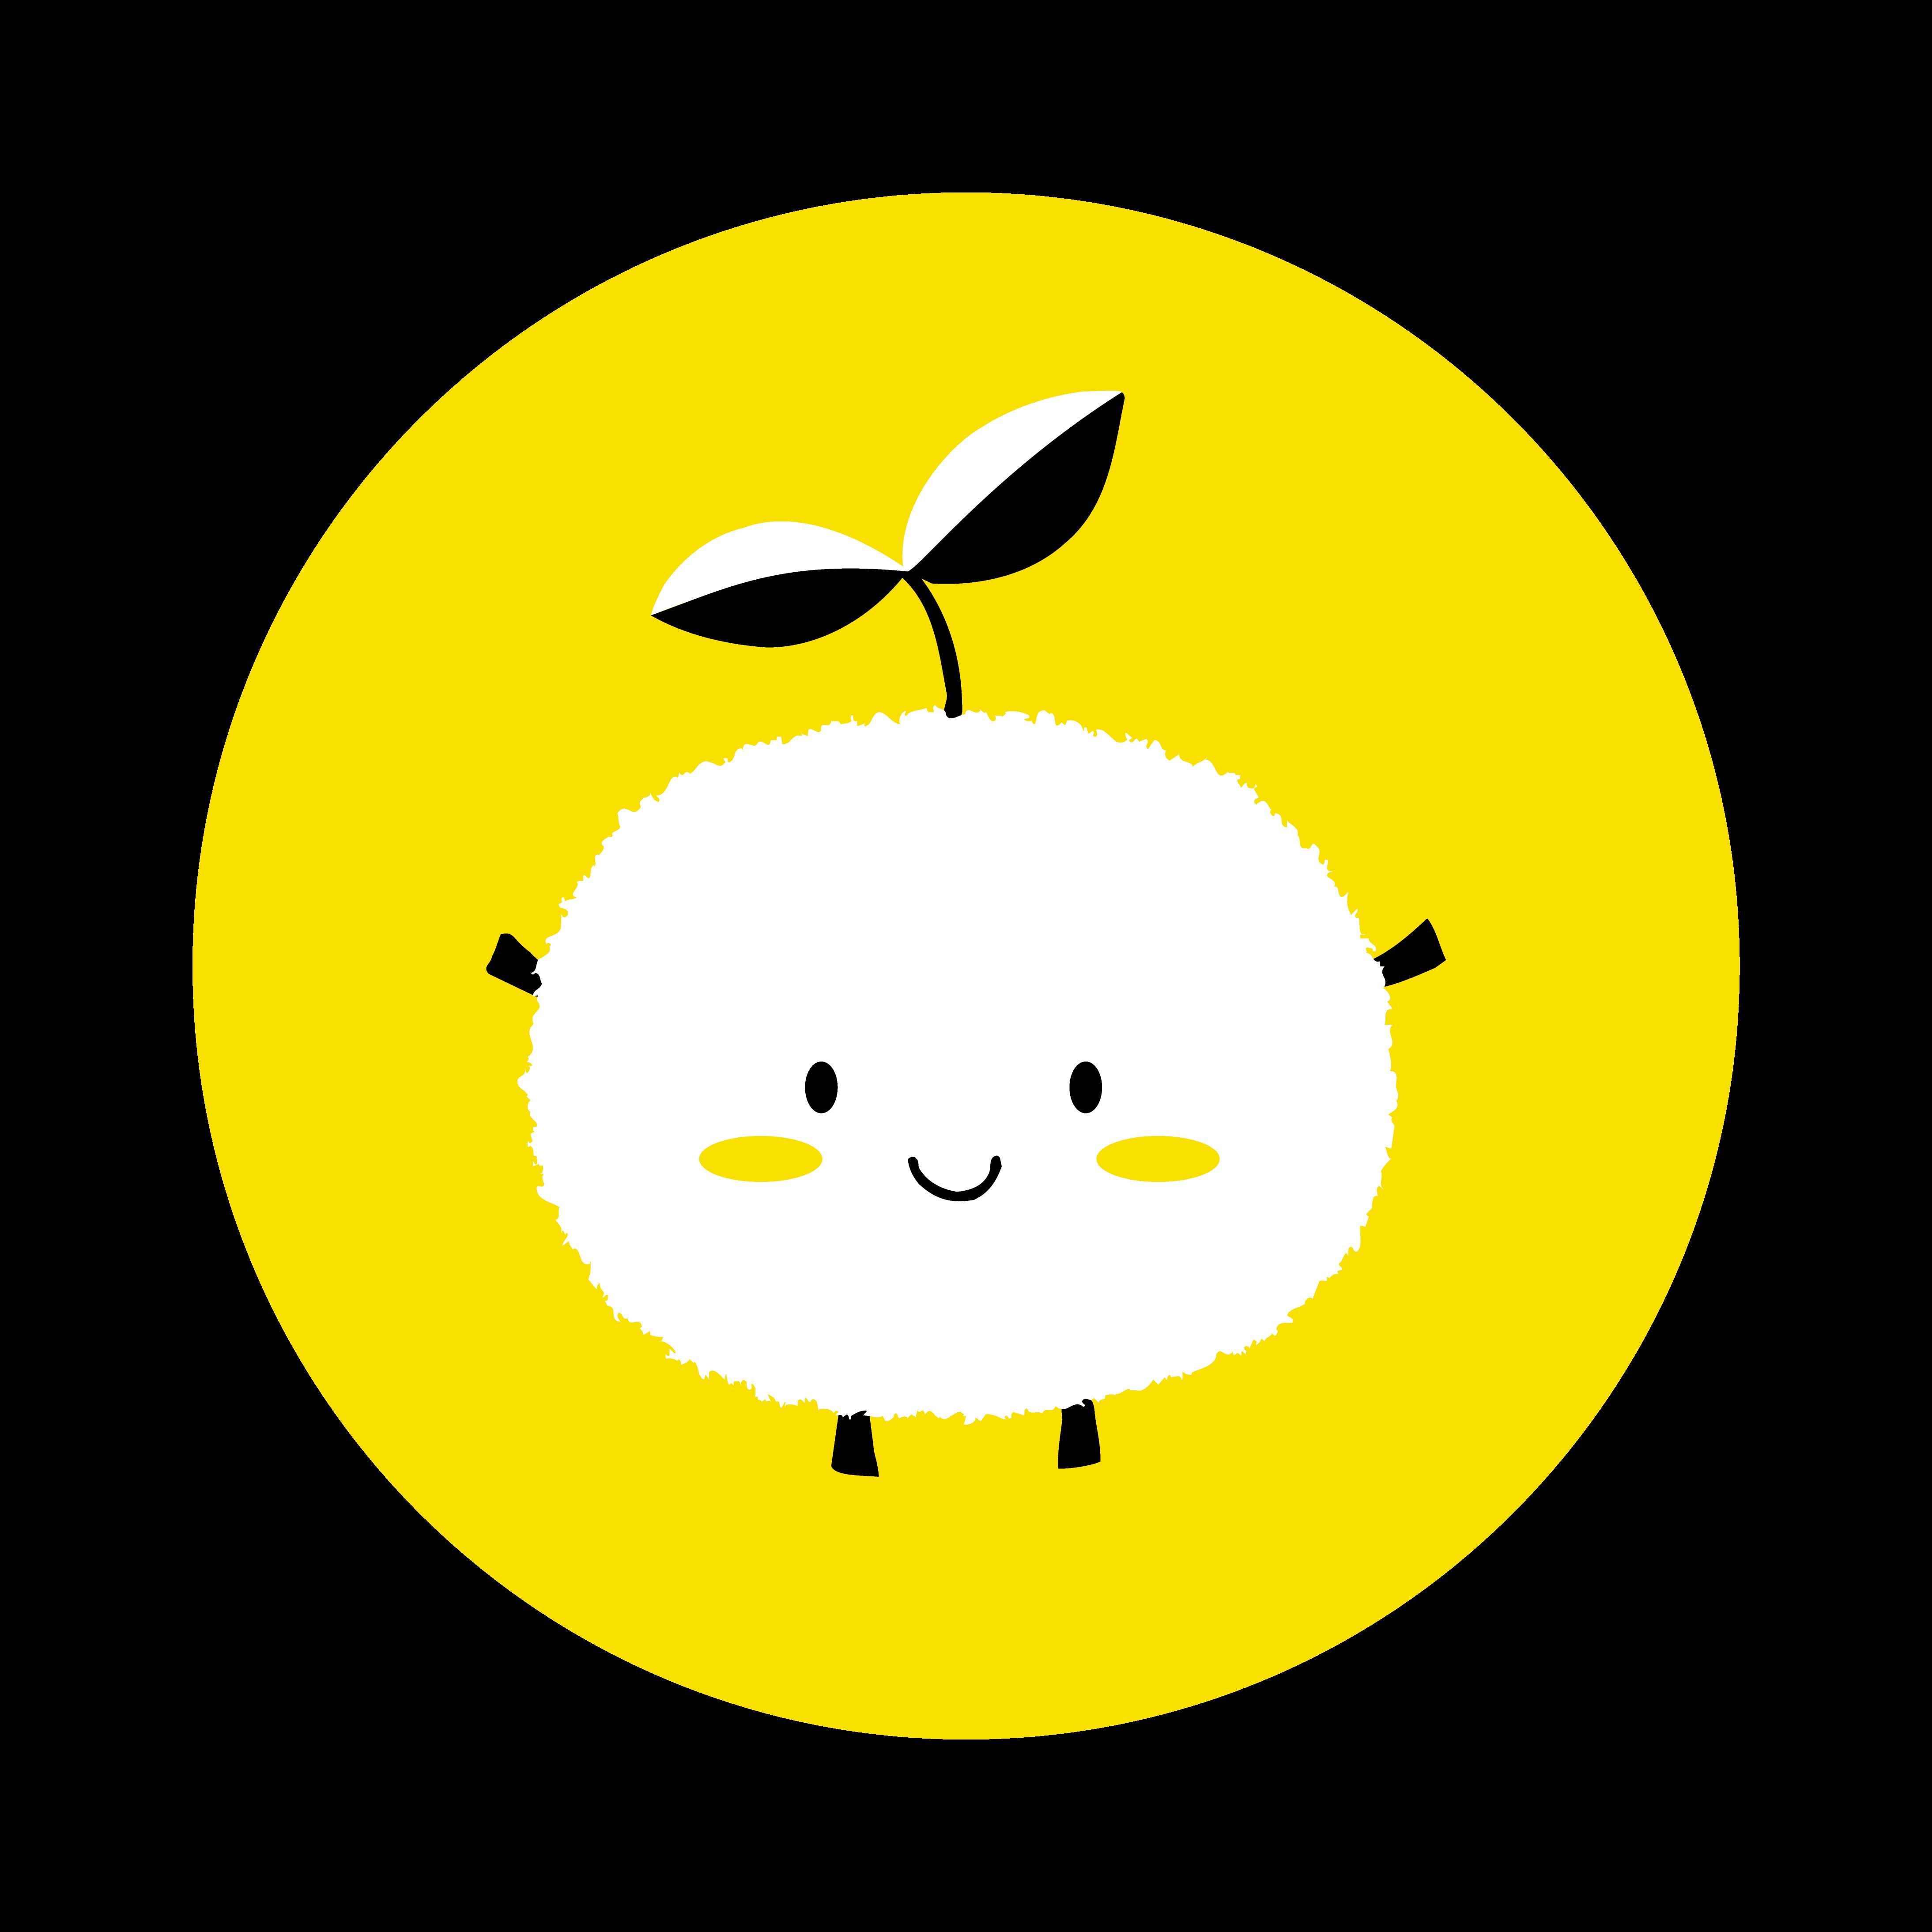 マモリン(仮)